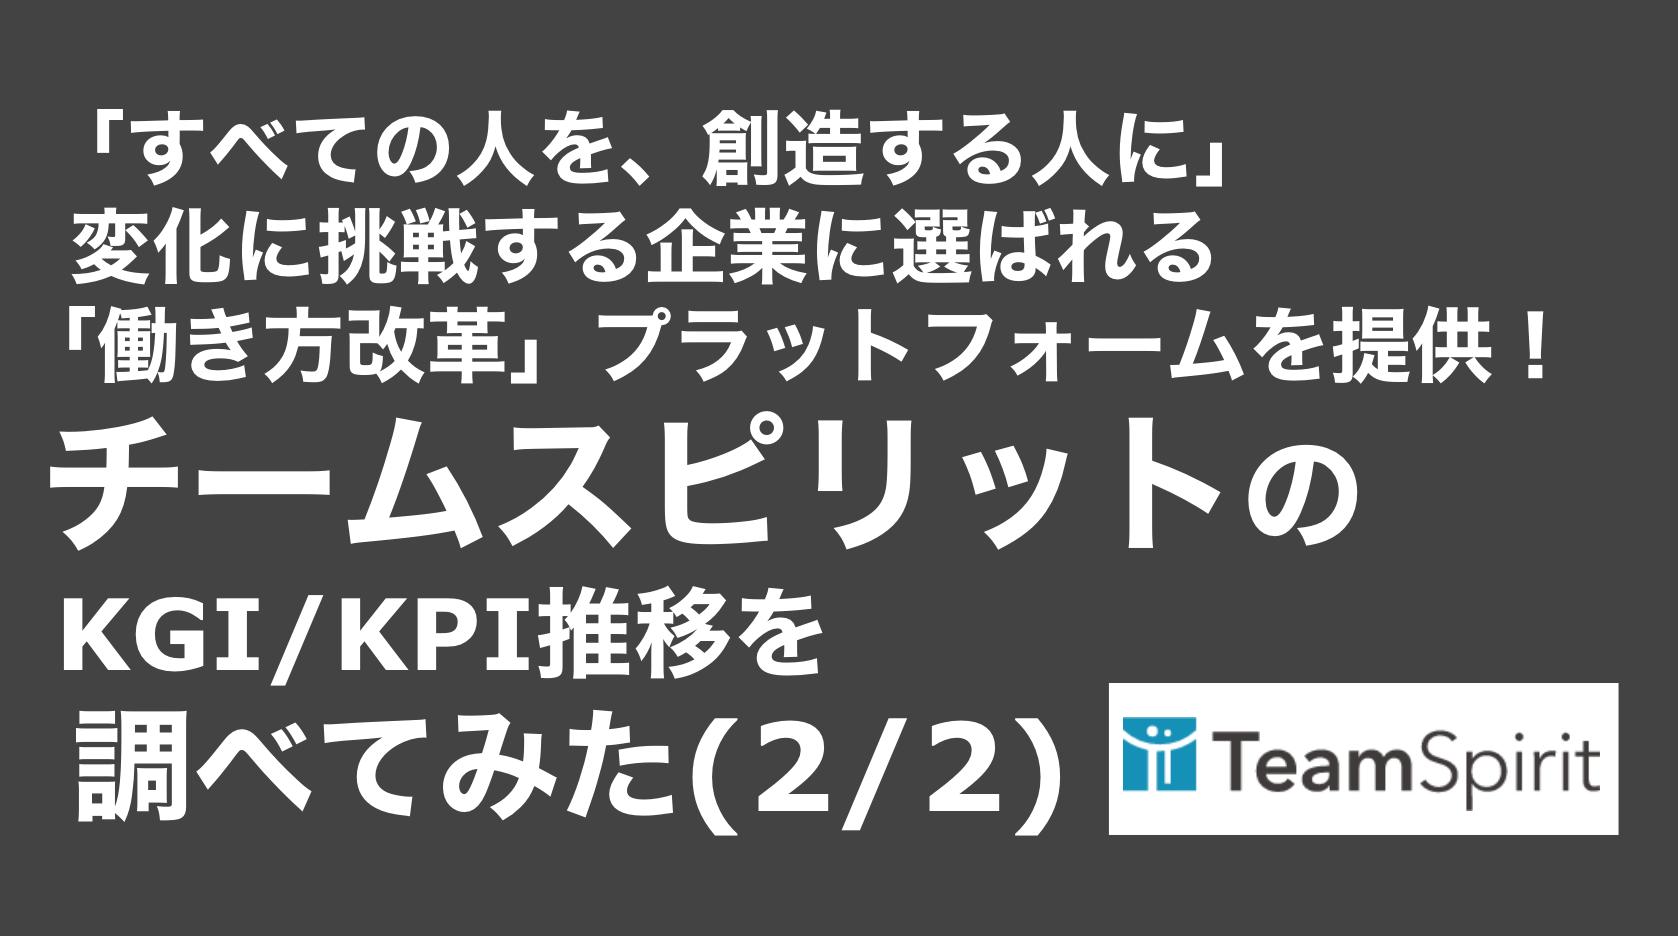 saaslife_「すべての人を、創造する人に」変化に挑戦する企業に選ばれる「働き方改革」プラットフォームを提供!チームスピリットのKGI/KPI推移を調べてみた(2/2)